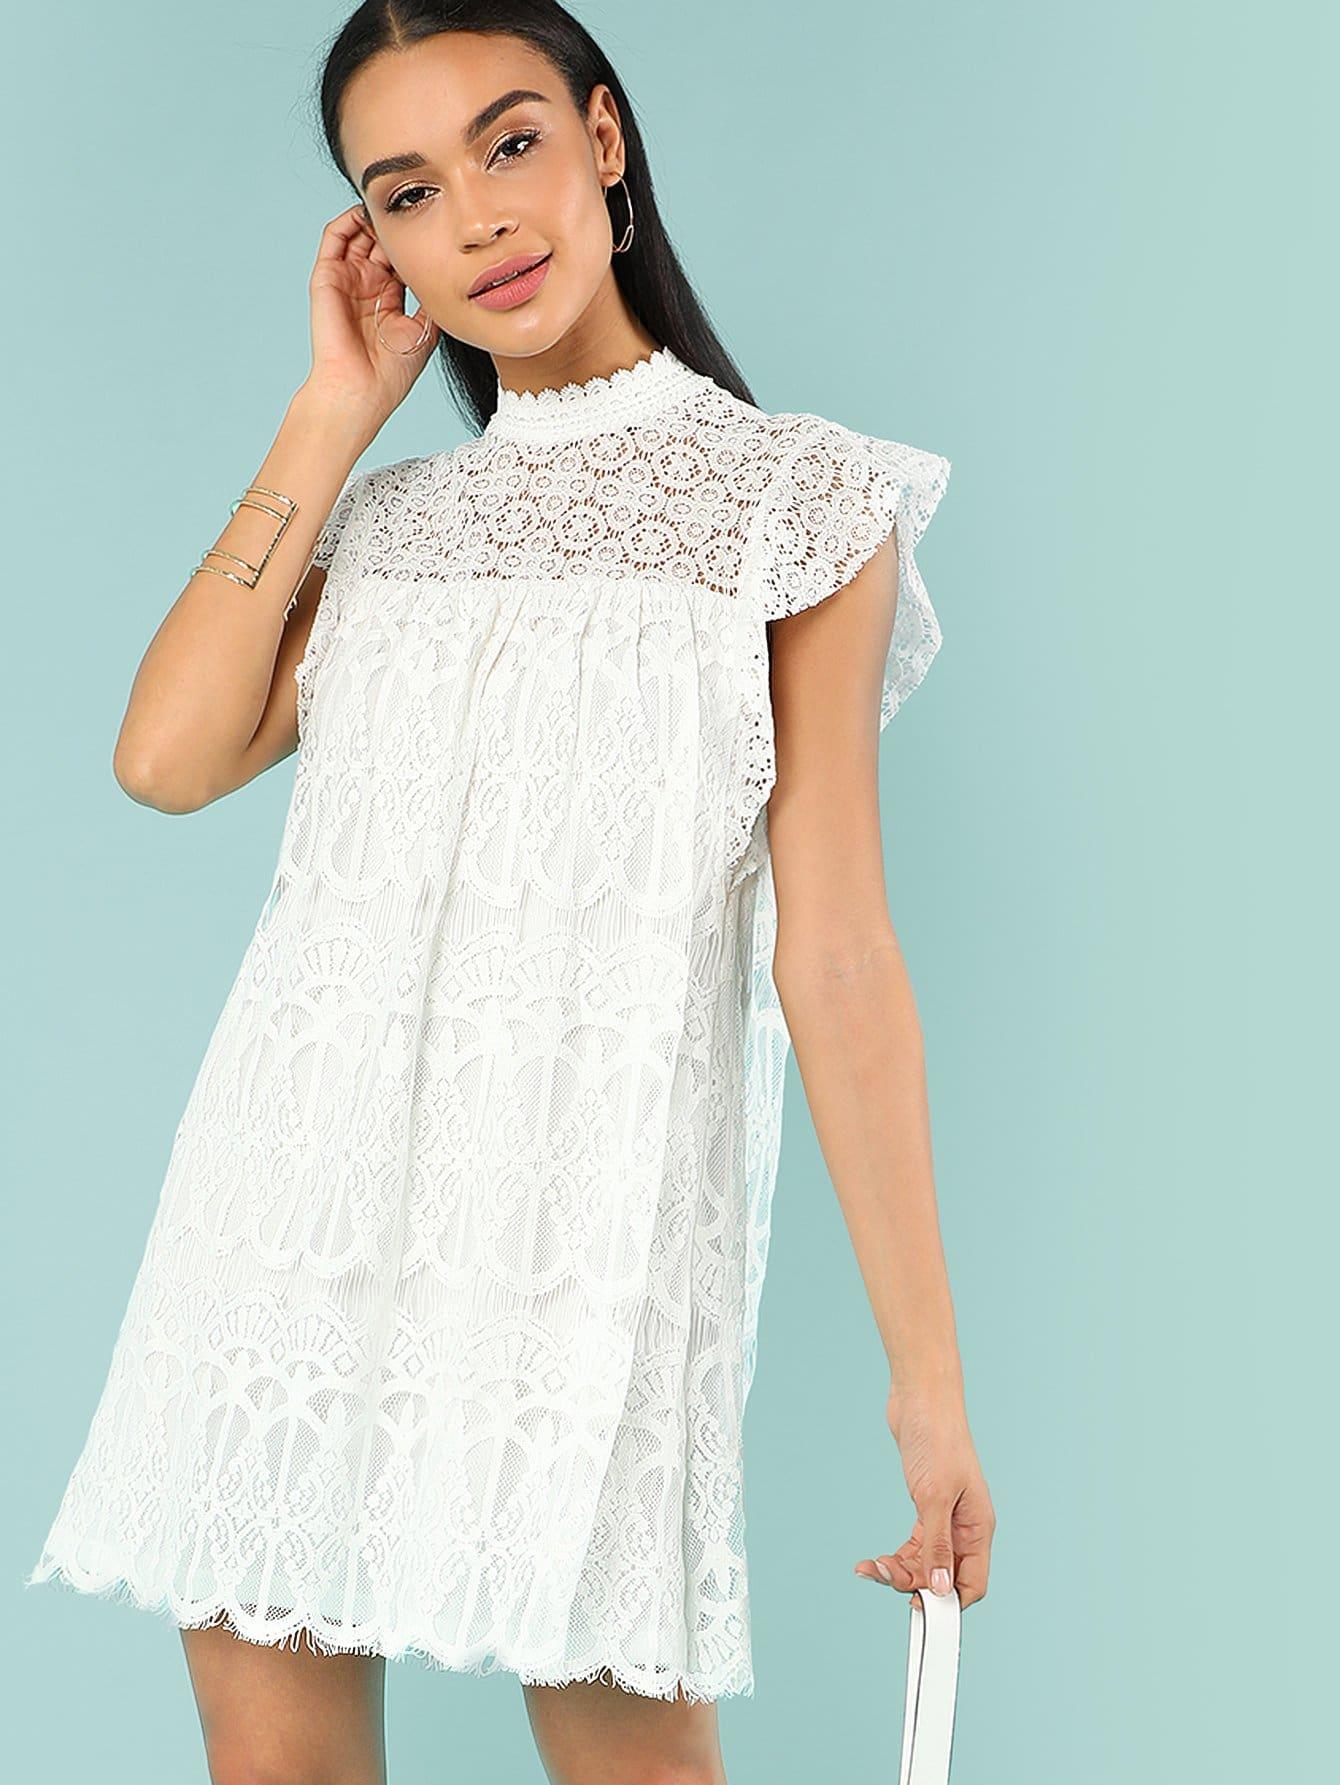 все цены на Lace Yoke Embroidered Mesh Dress